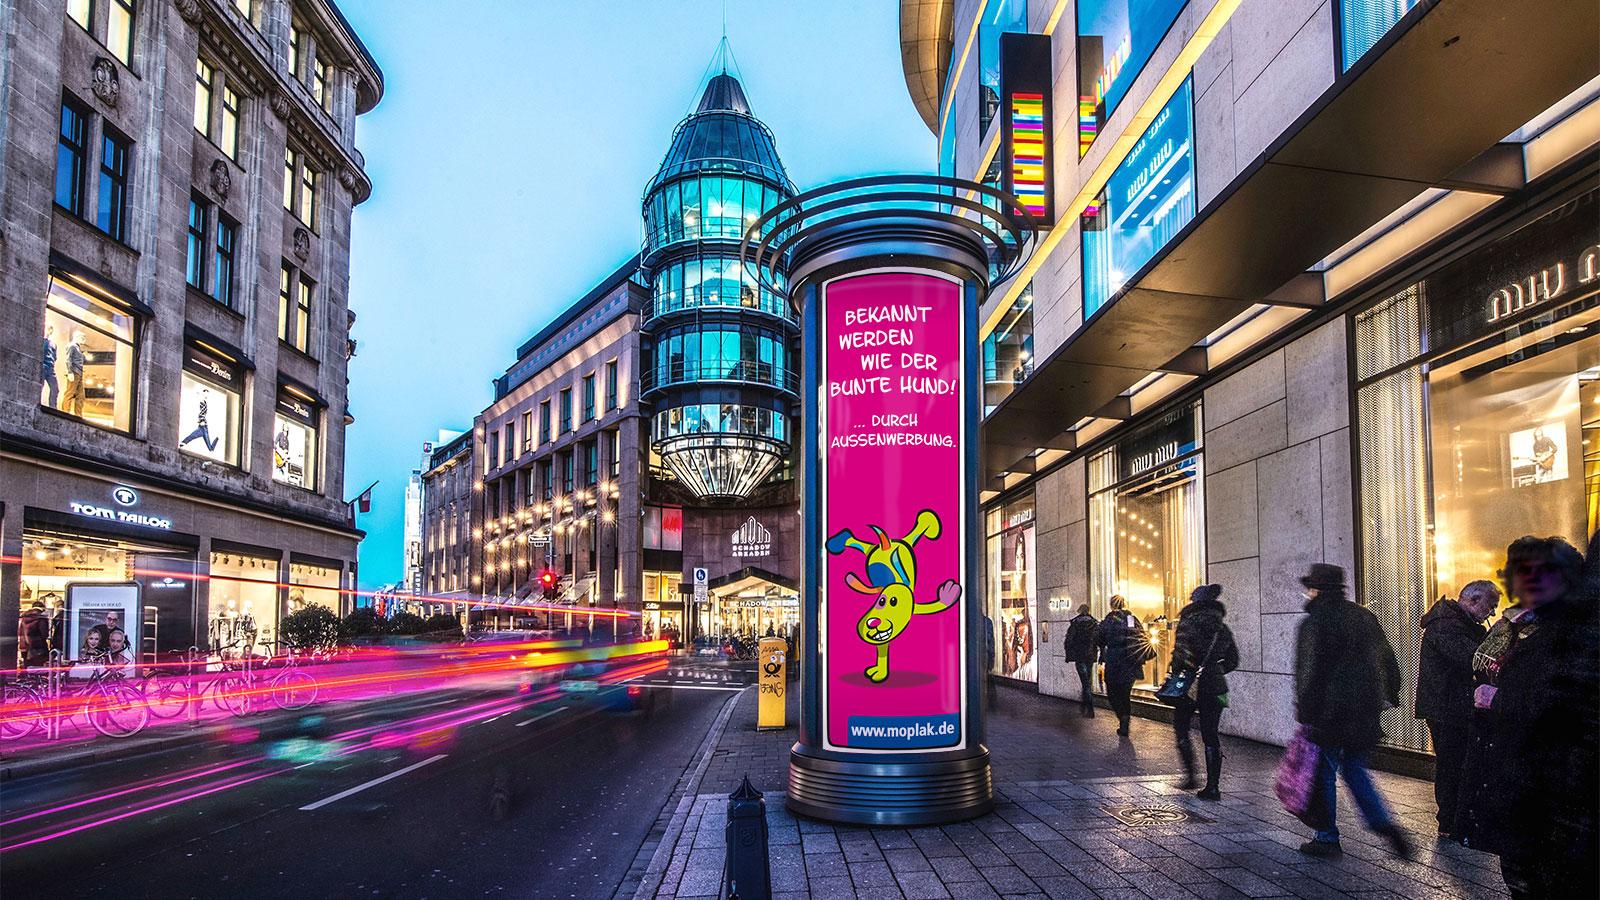 Wiesbaden-Aussenwerbung-Litfasssaeule-Werbung